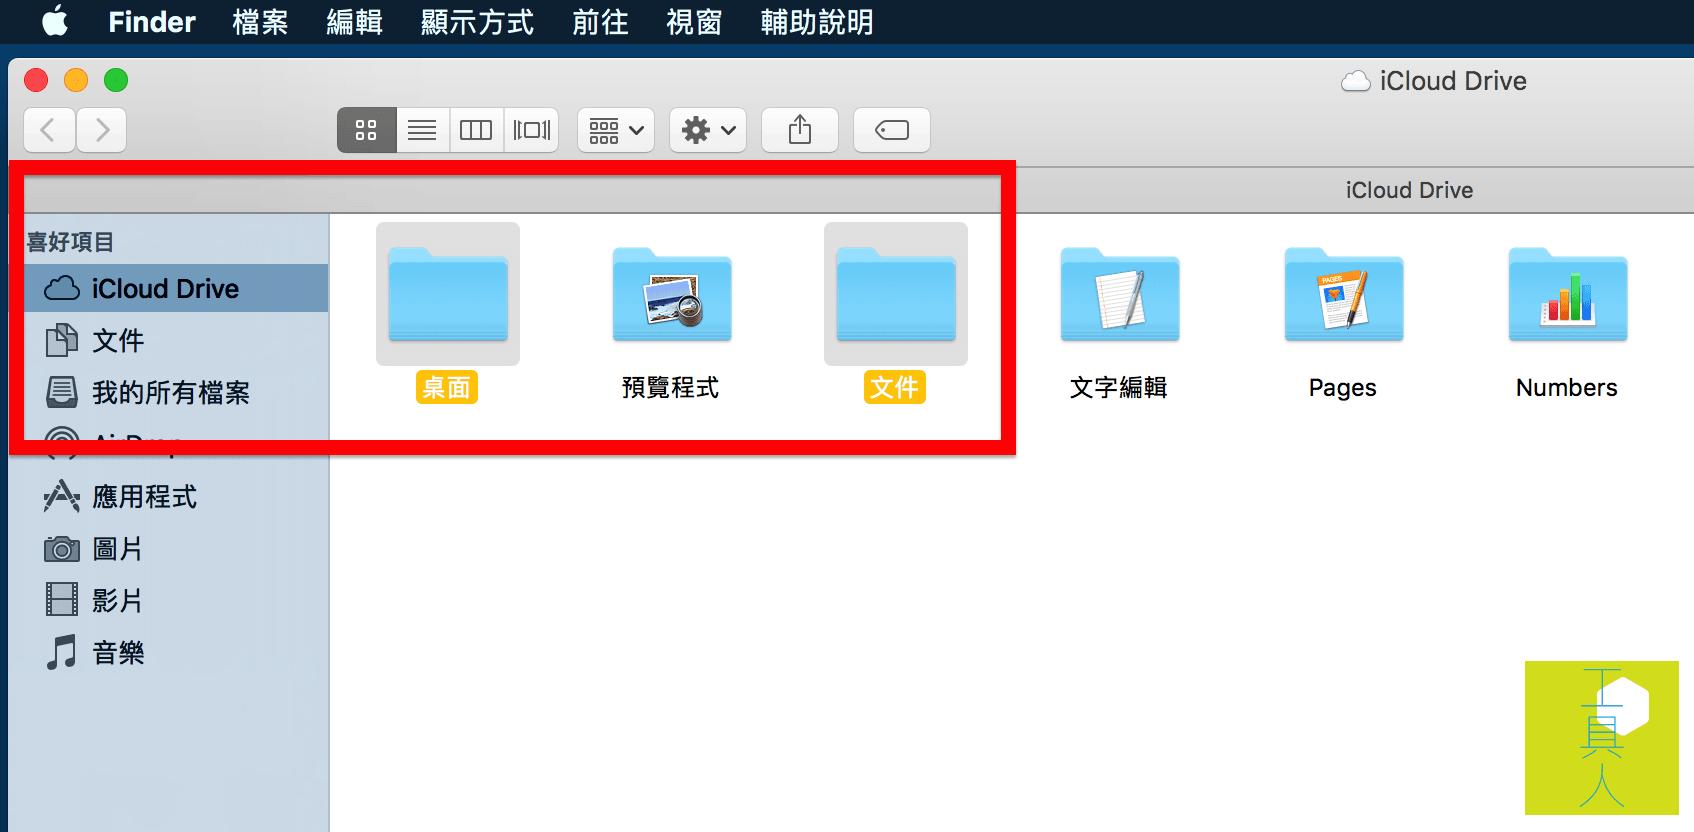 iCloud Drive 檔案夾文件。